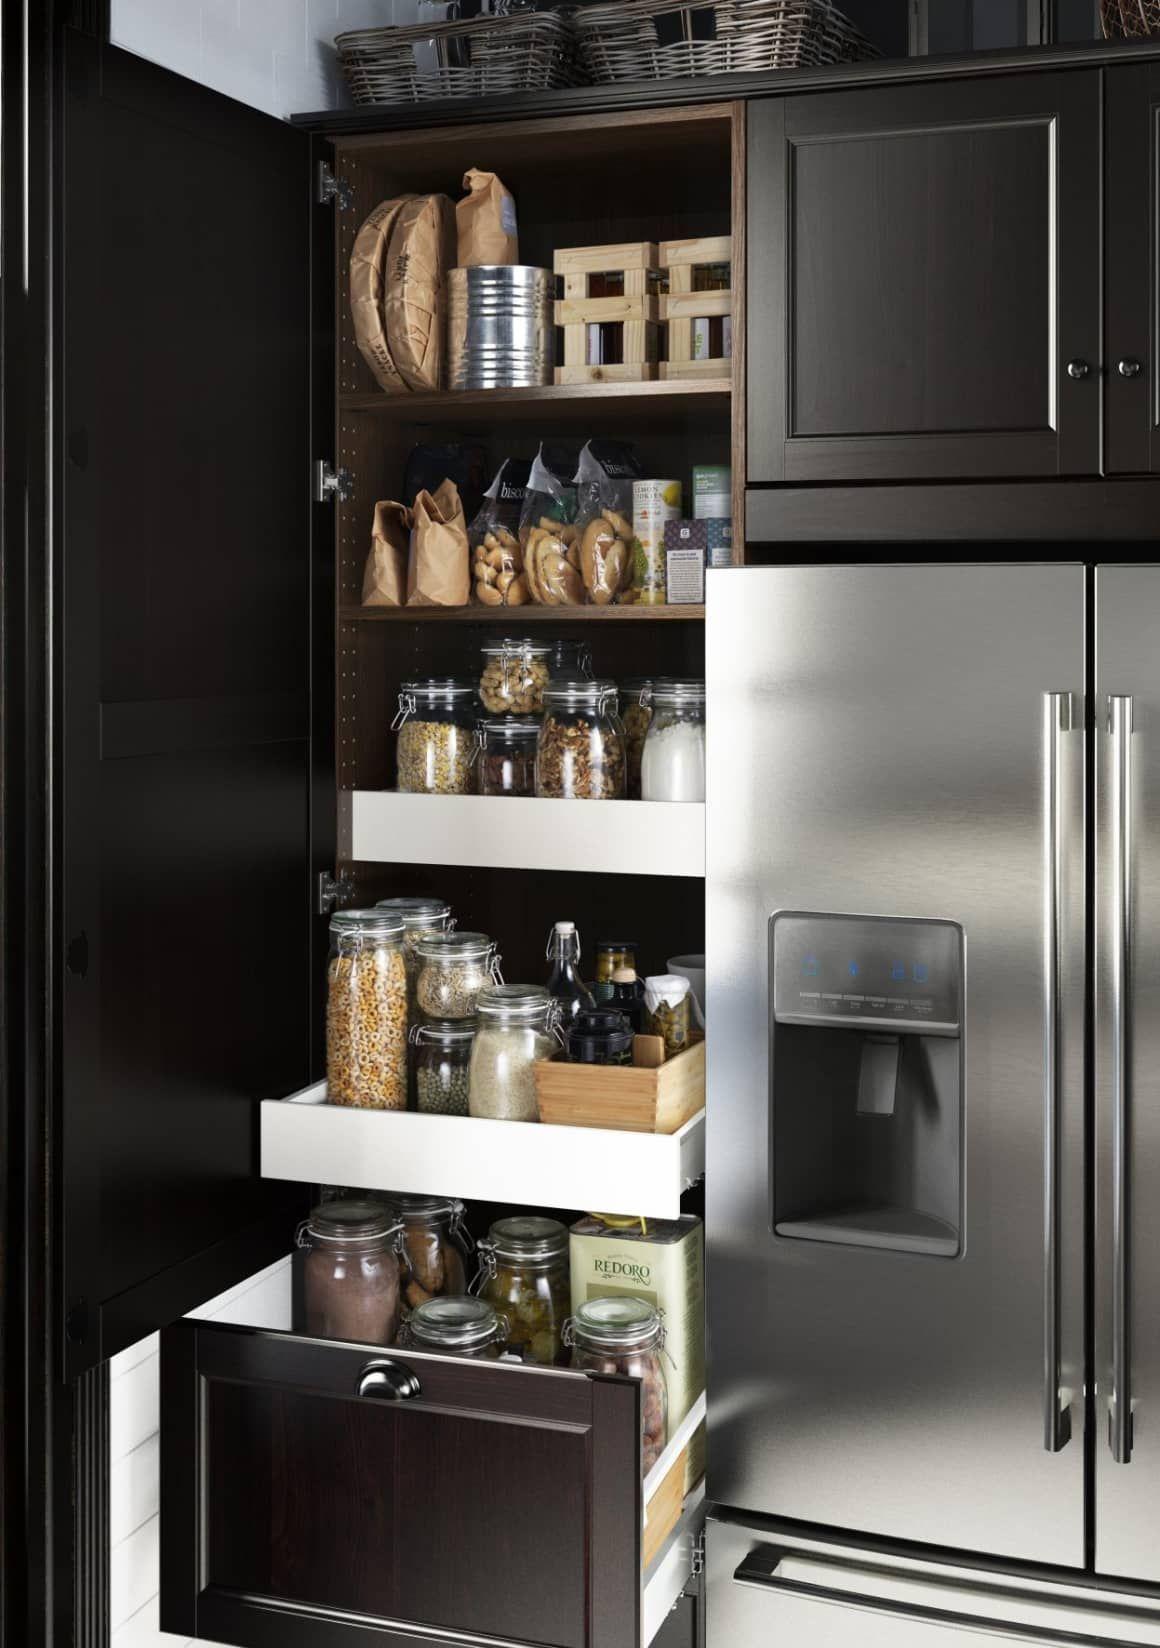 IKEA SEKTION New Kitchen Guide Photos, Prices